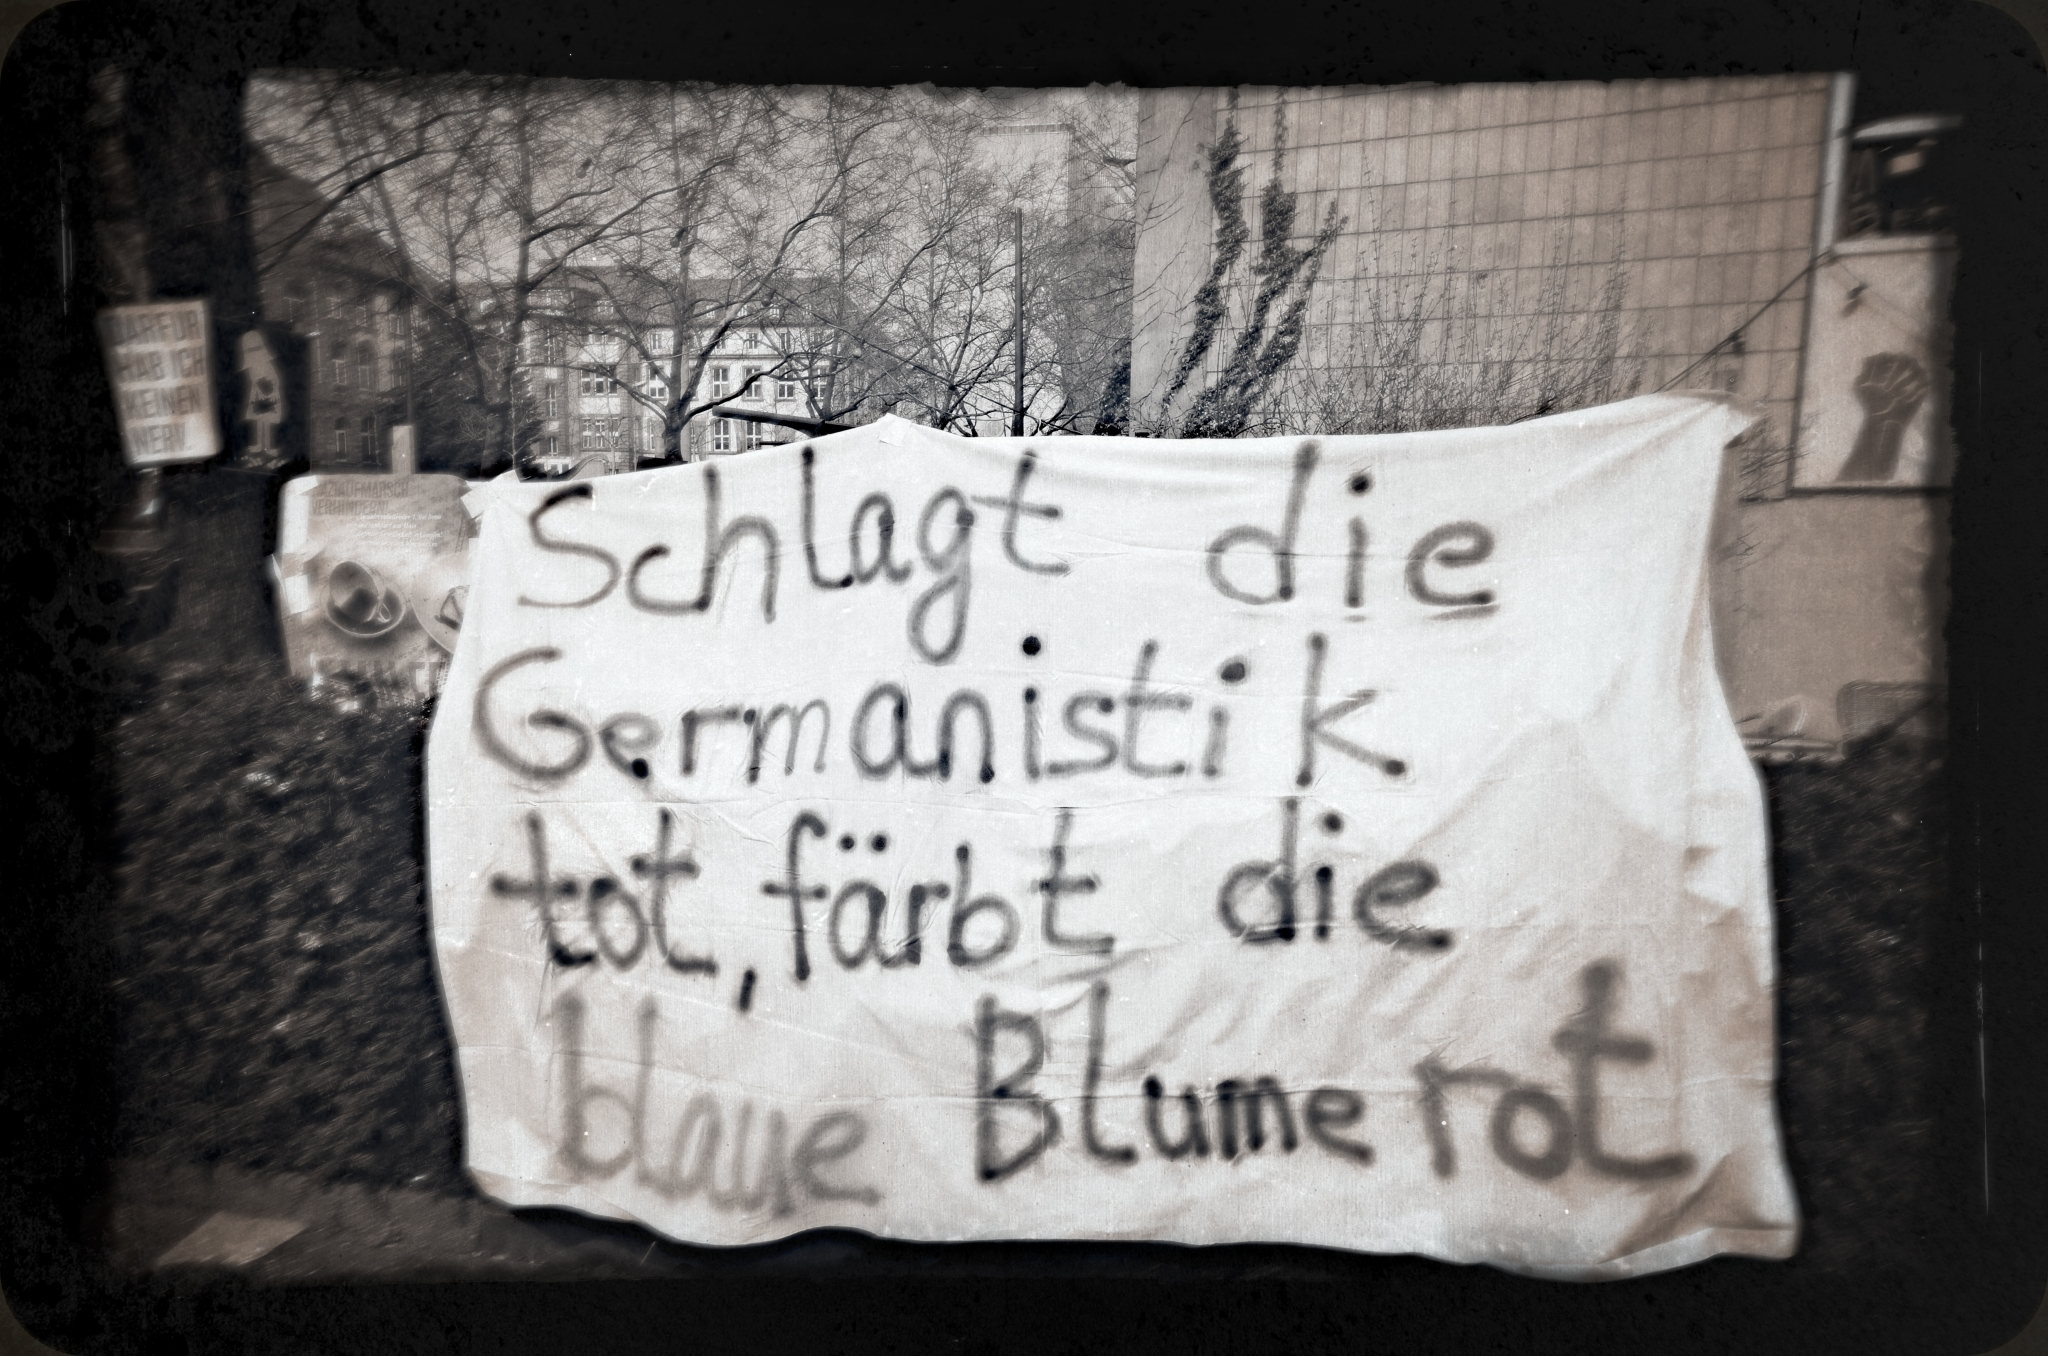 Foto: Dirk Ostermeier